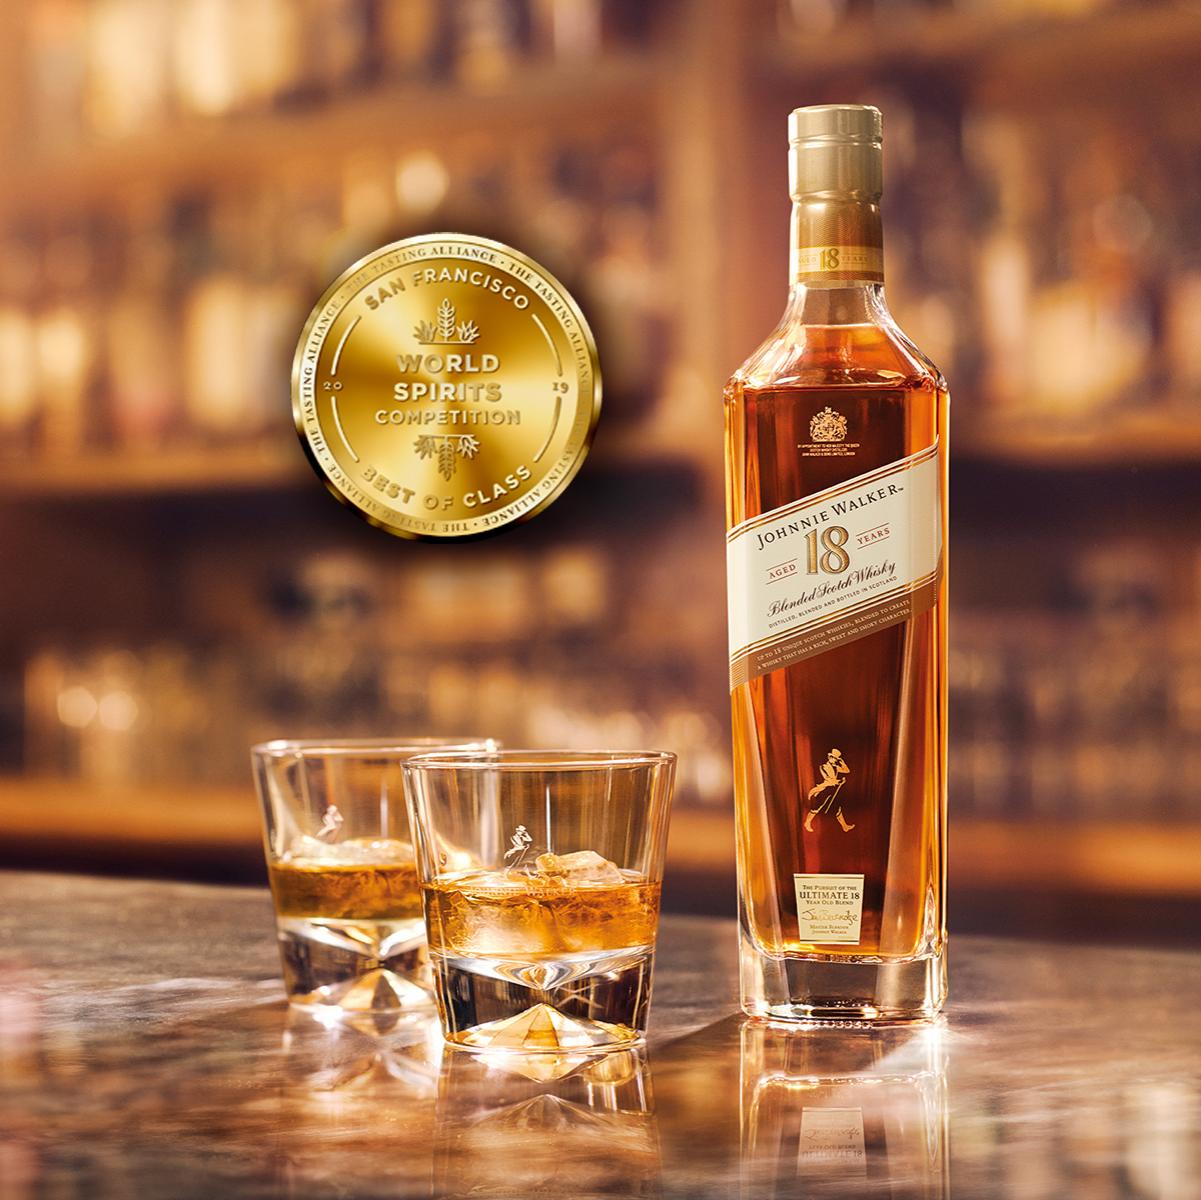 極致完美的平衡風味!JOHNNIE WALKER 18 年蘇格蘭威士忌榮獲舊金山世界烈酒競賽雙金獎